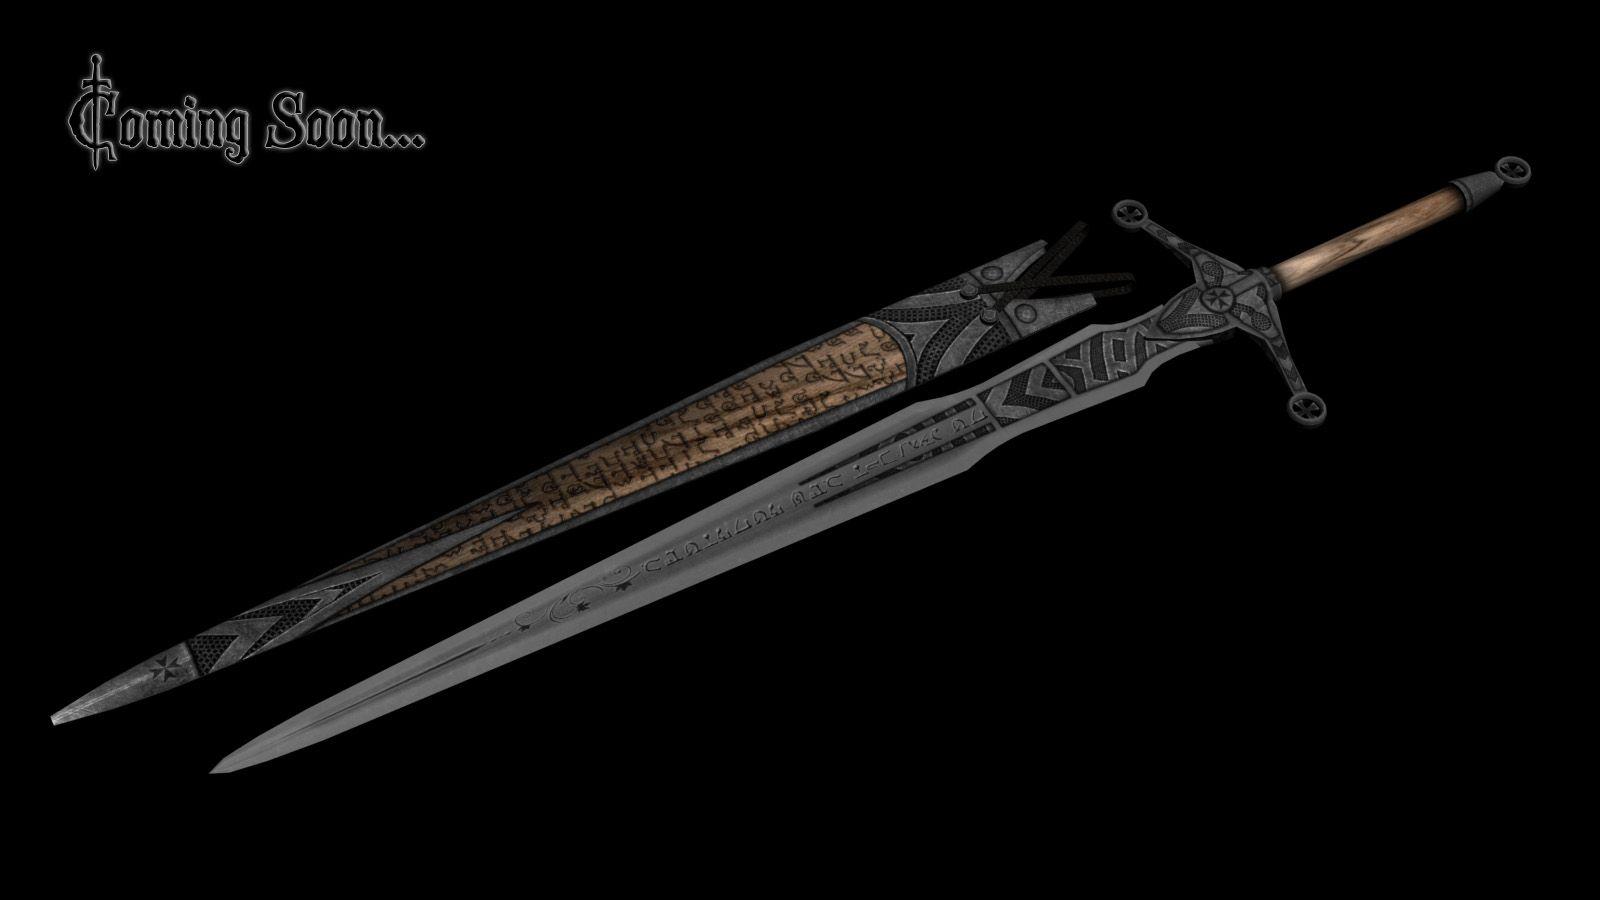 skyrim elven swords - ...